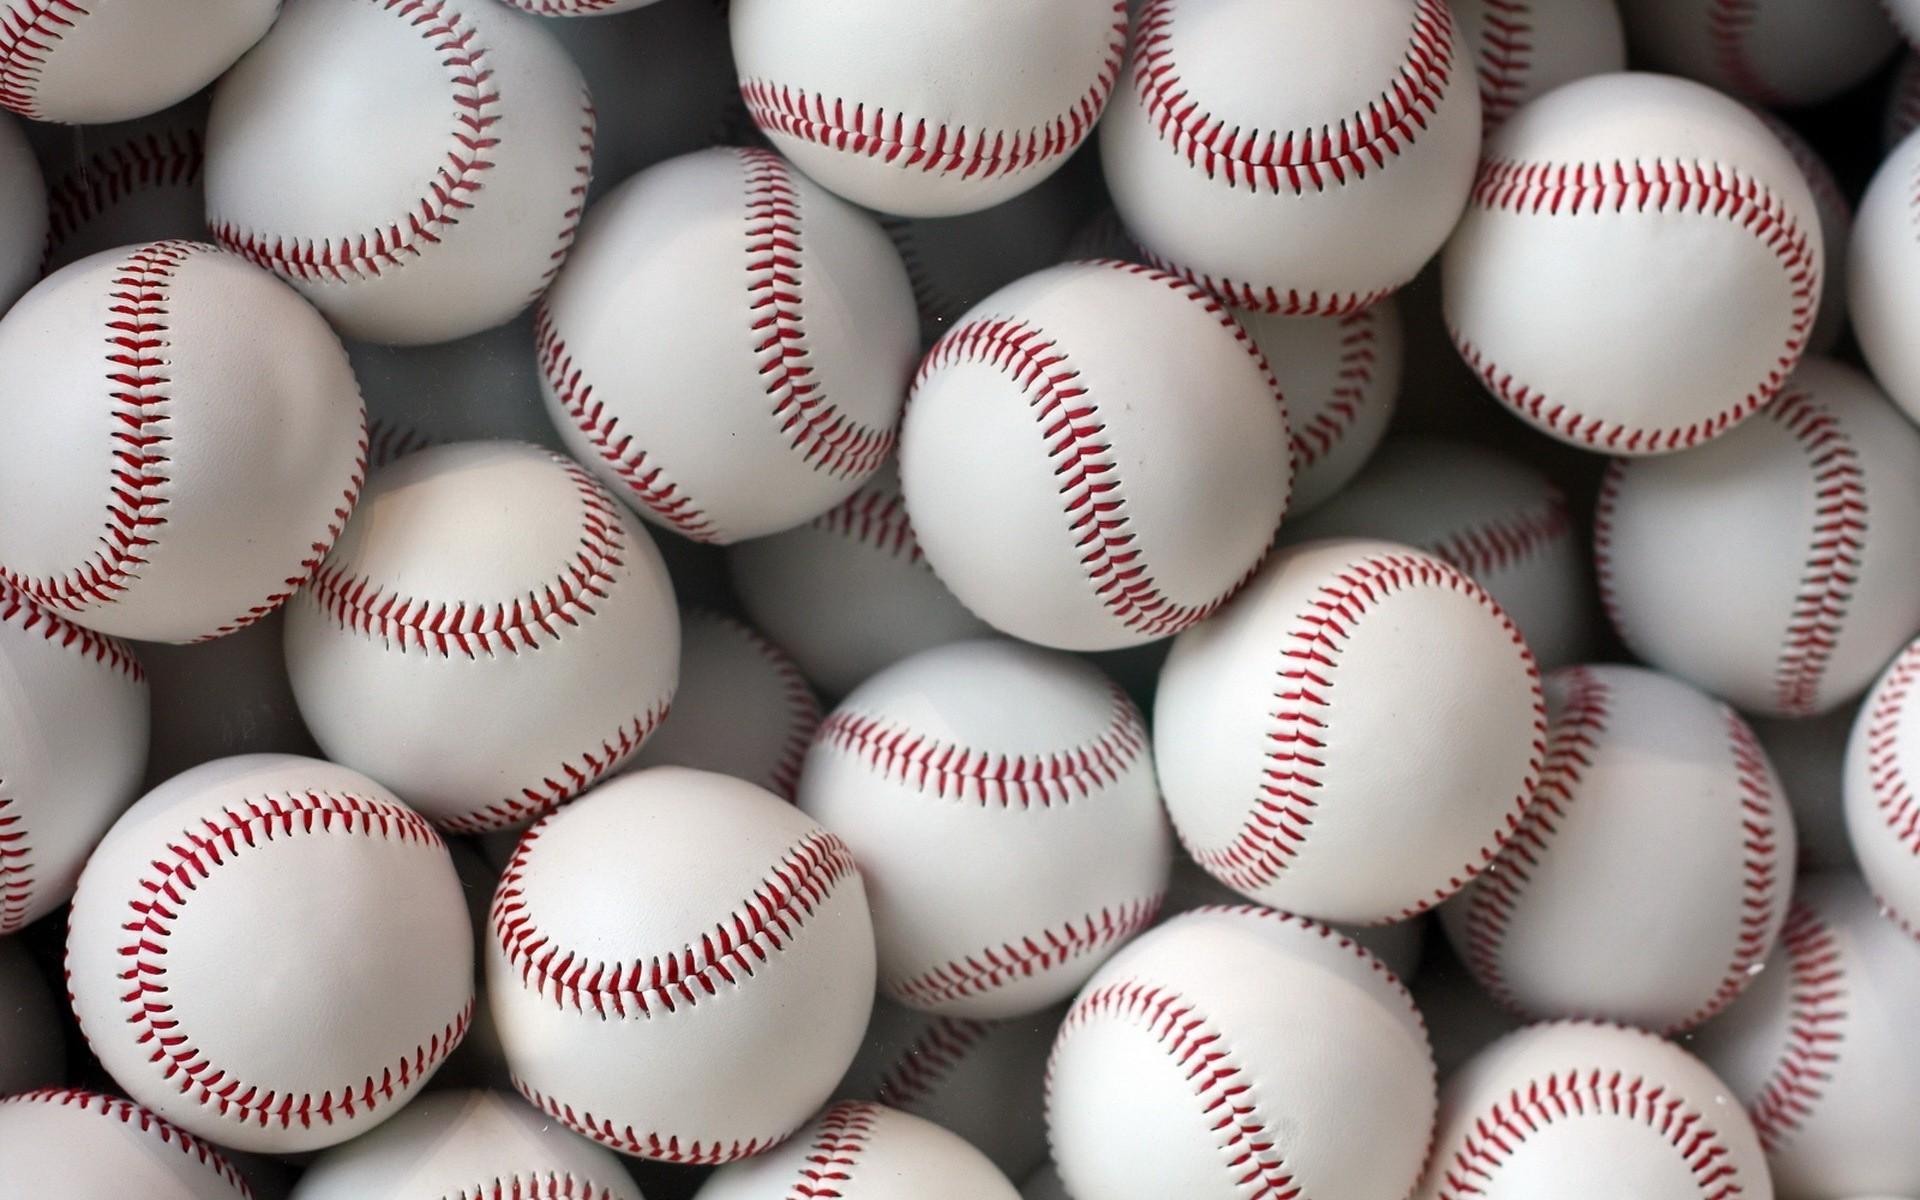 baseball wallpapers 183��